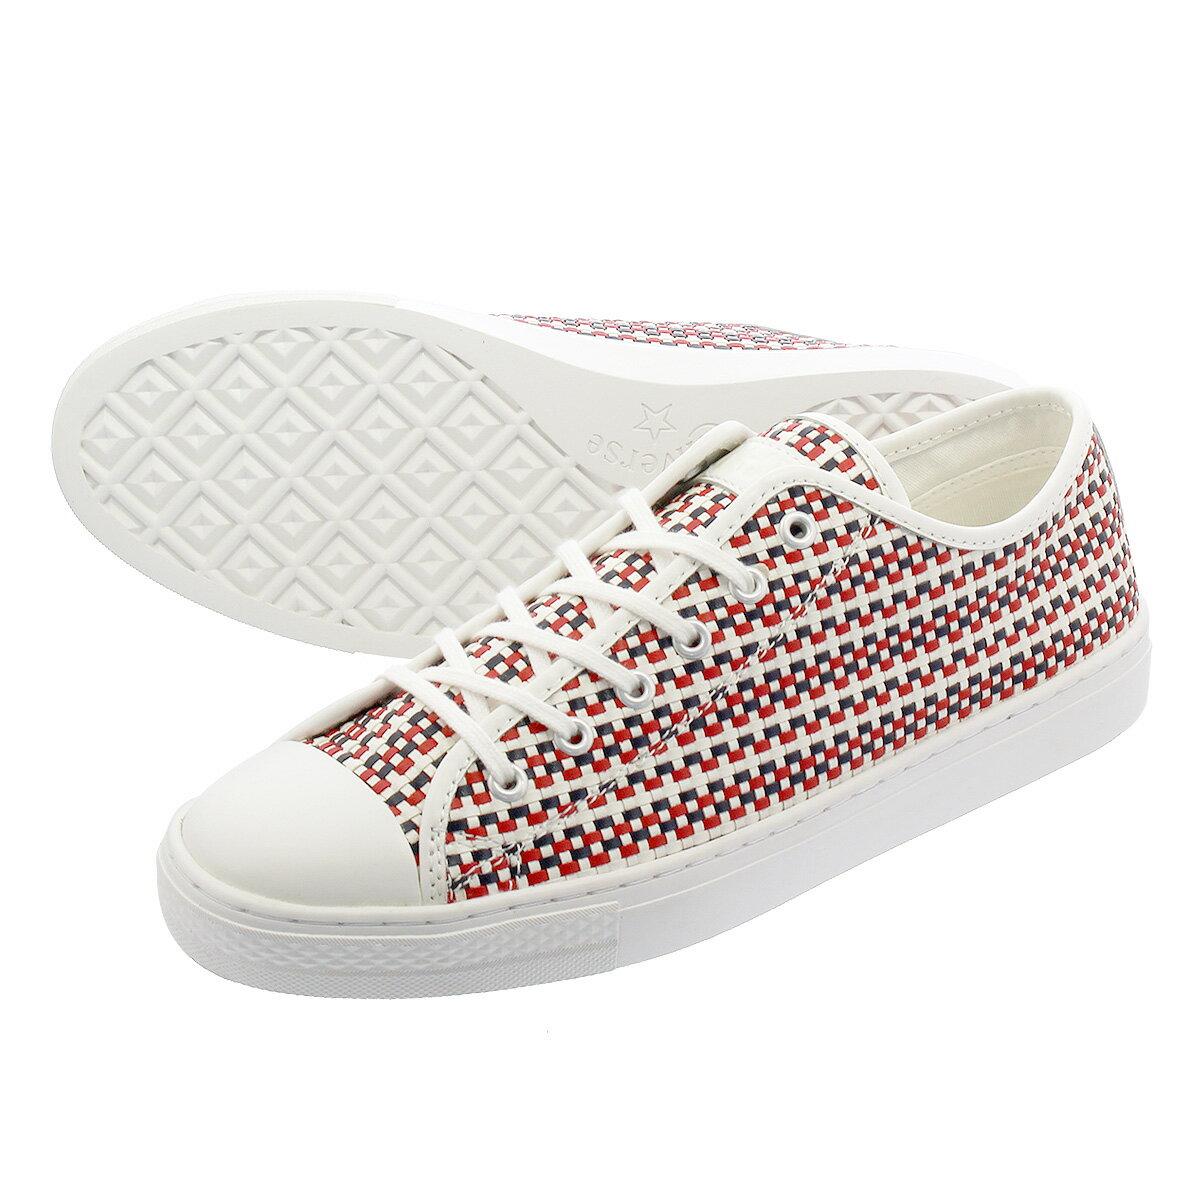 メンズ靴, スニーカー CONVERSE ALL STAR COUPE WOVEN OX OX WHITENAVYRED 31300020